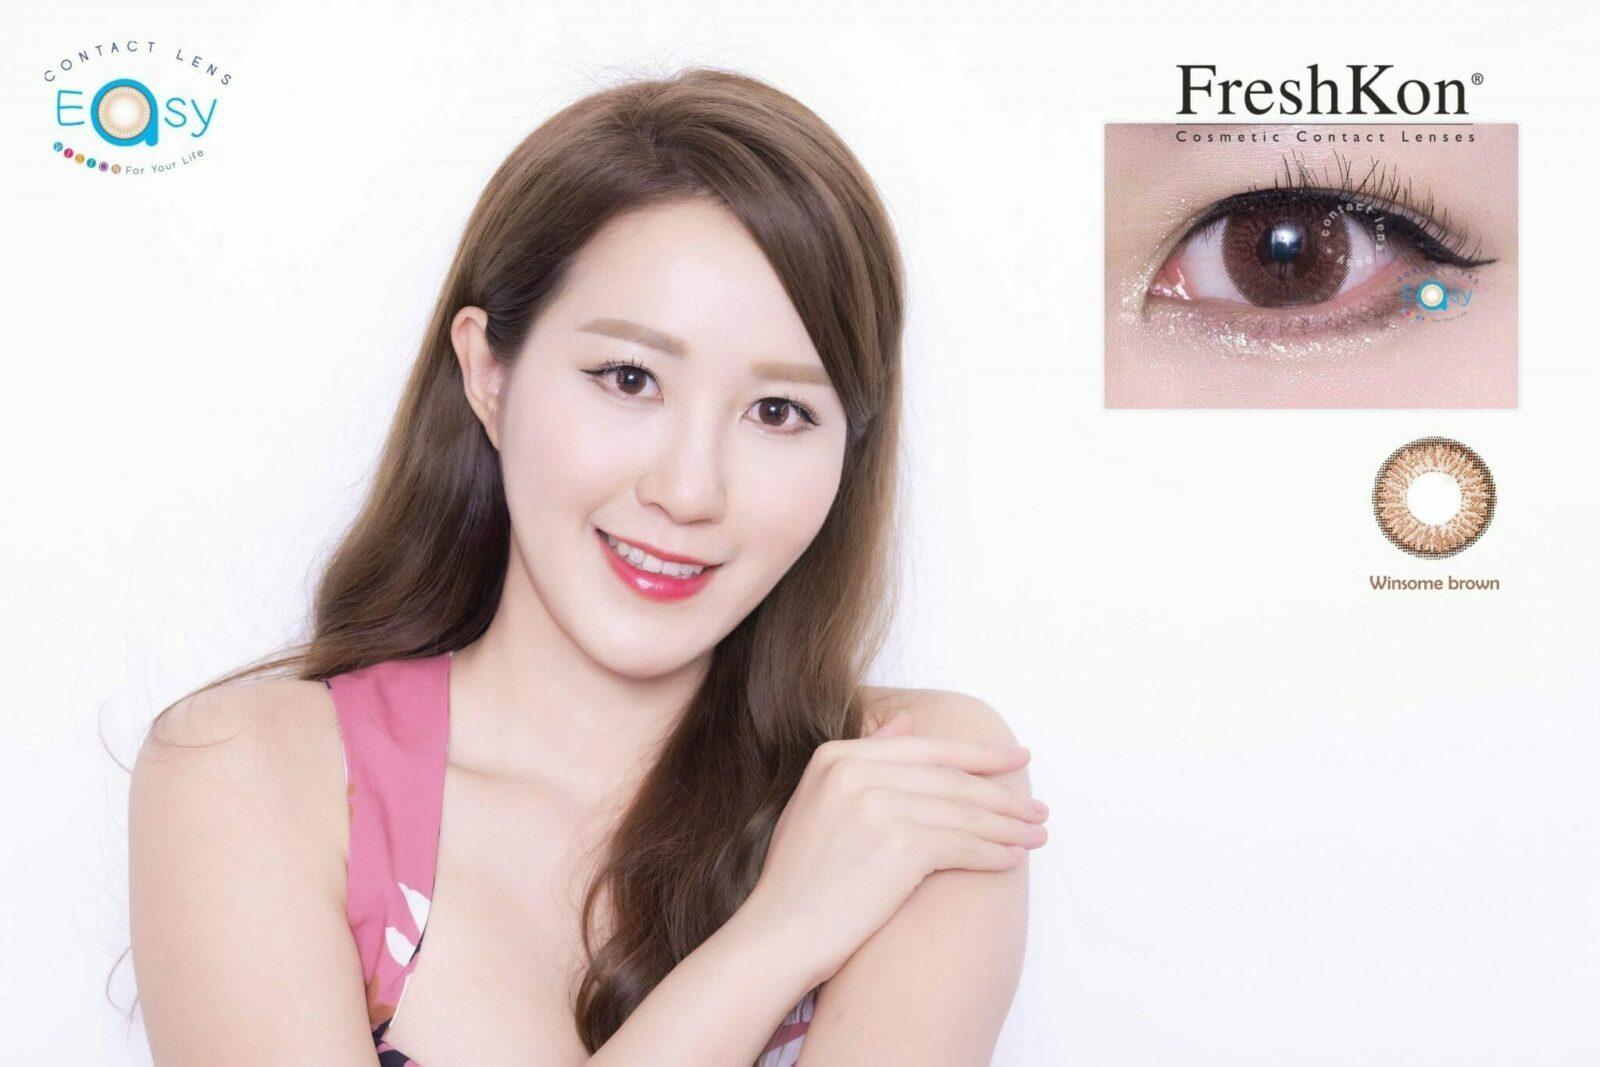 Freshkon Alluring Eyes 大美目 1 Day_info5